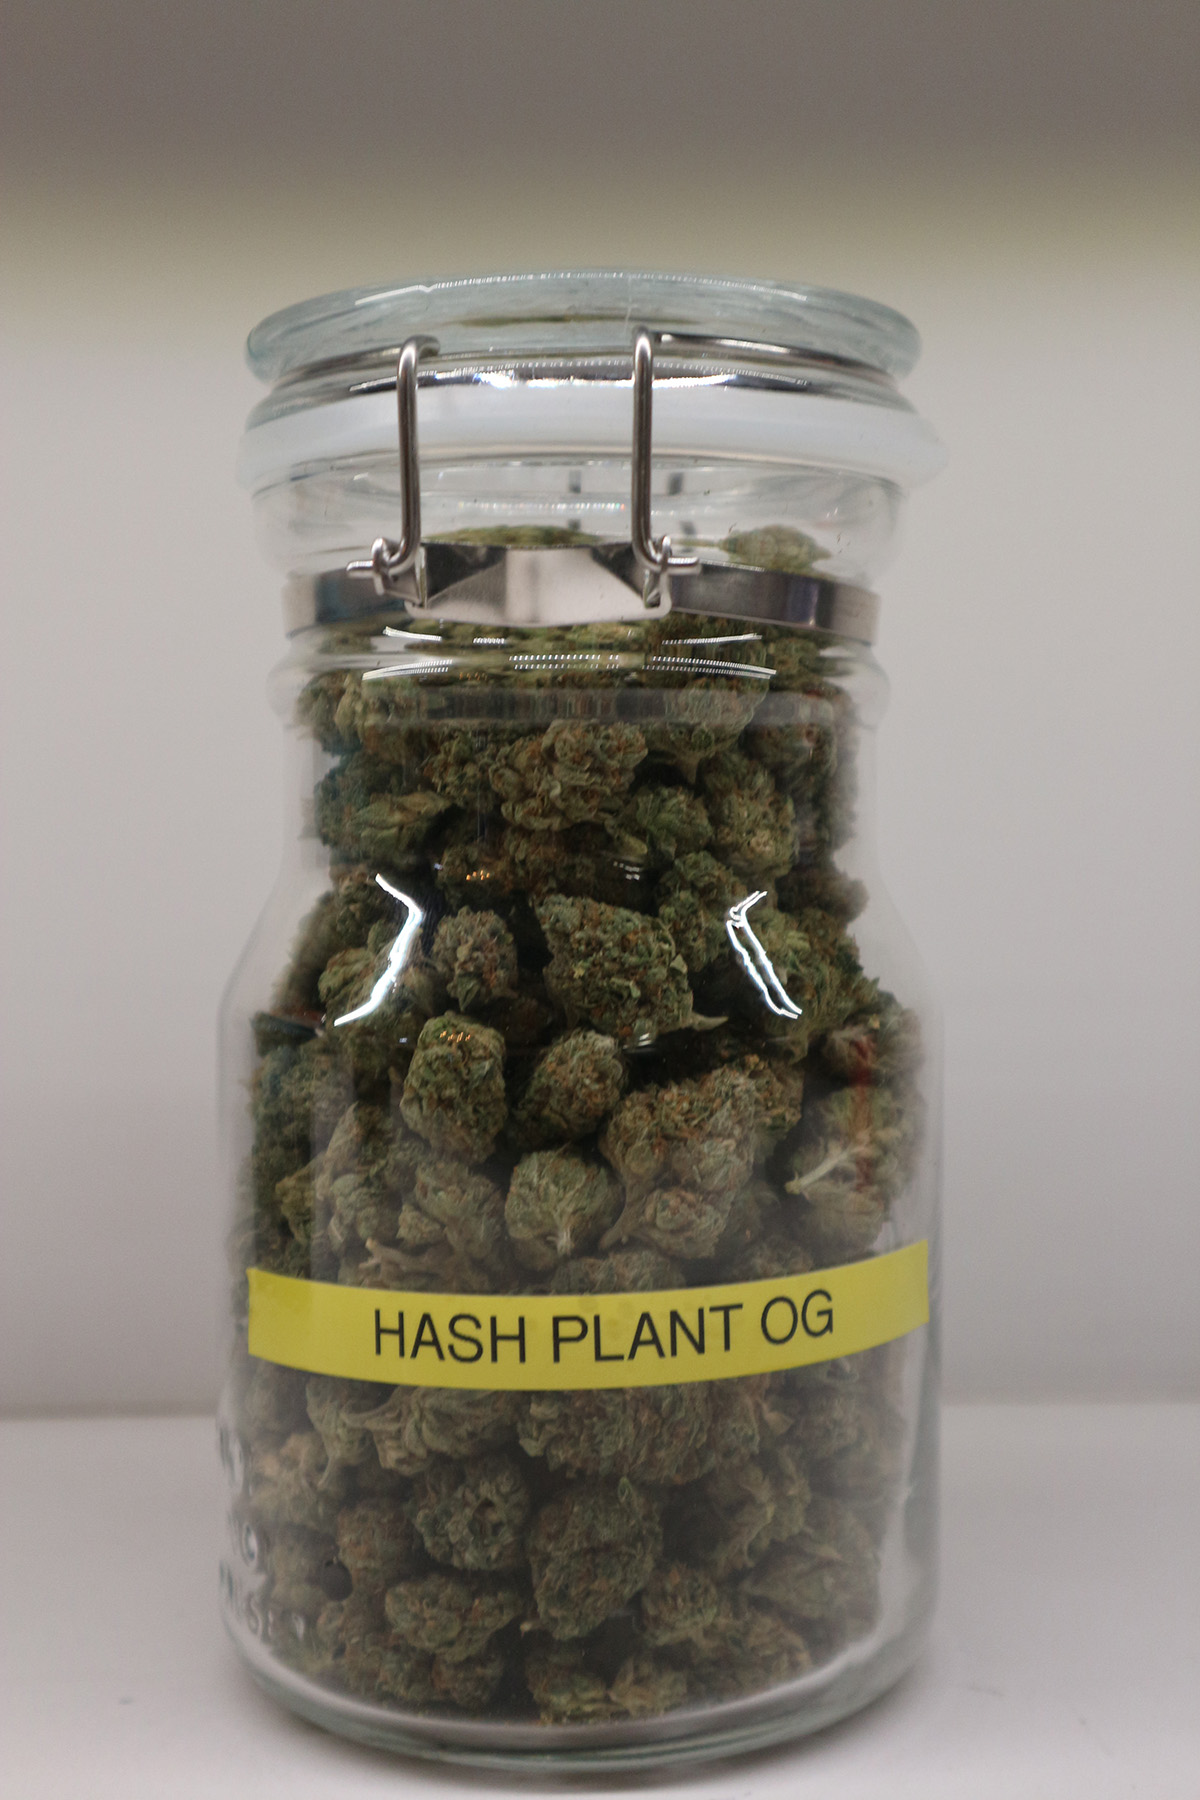 Hash Plant OG